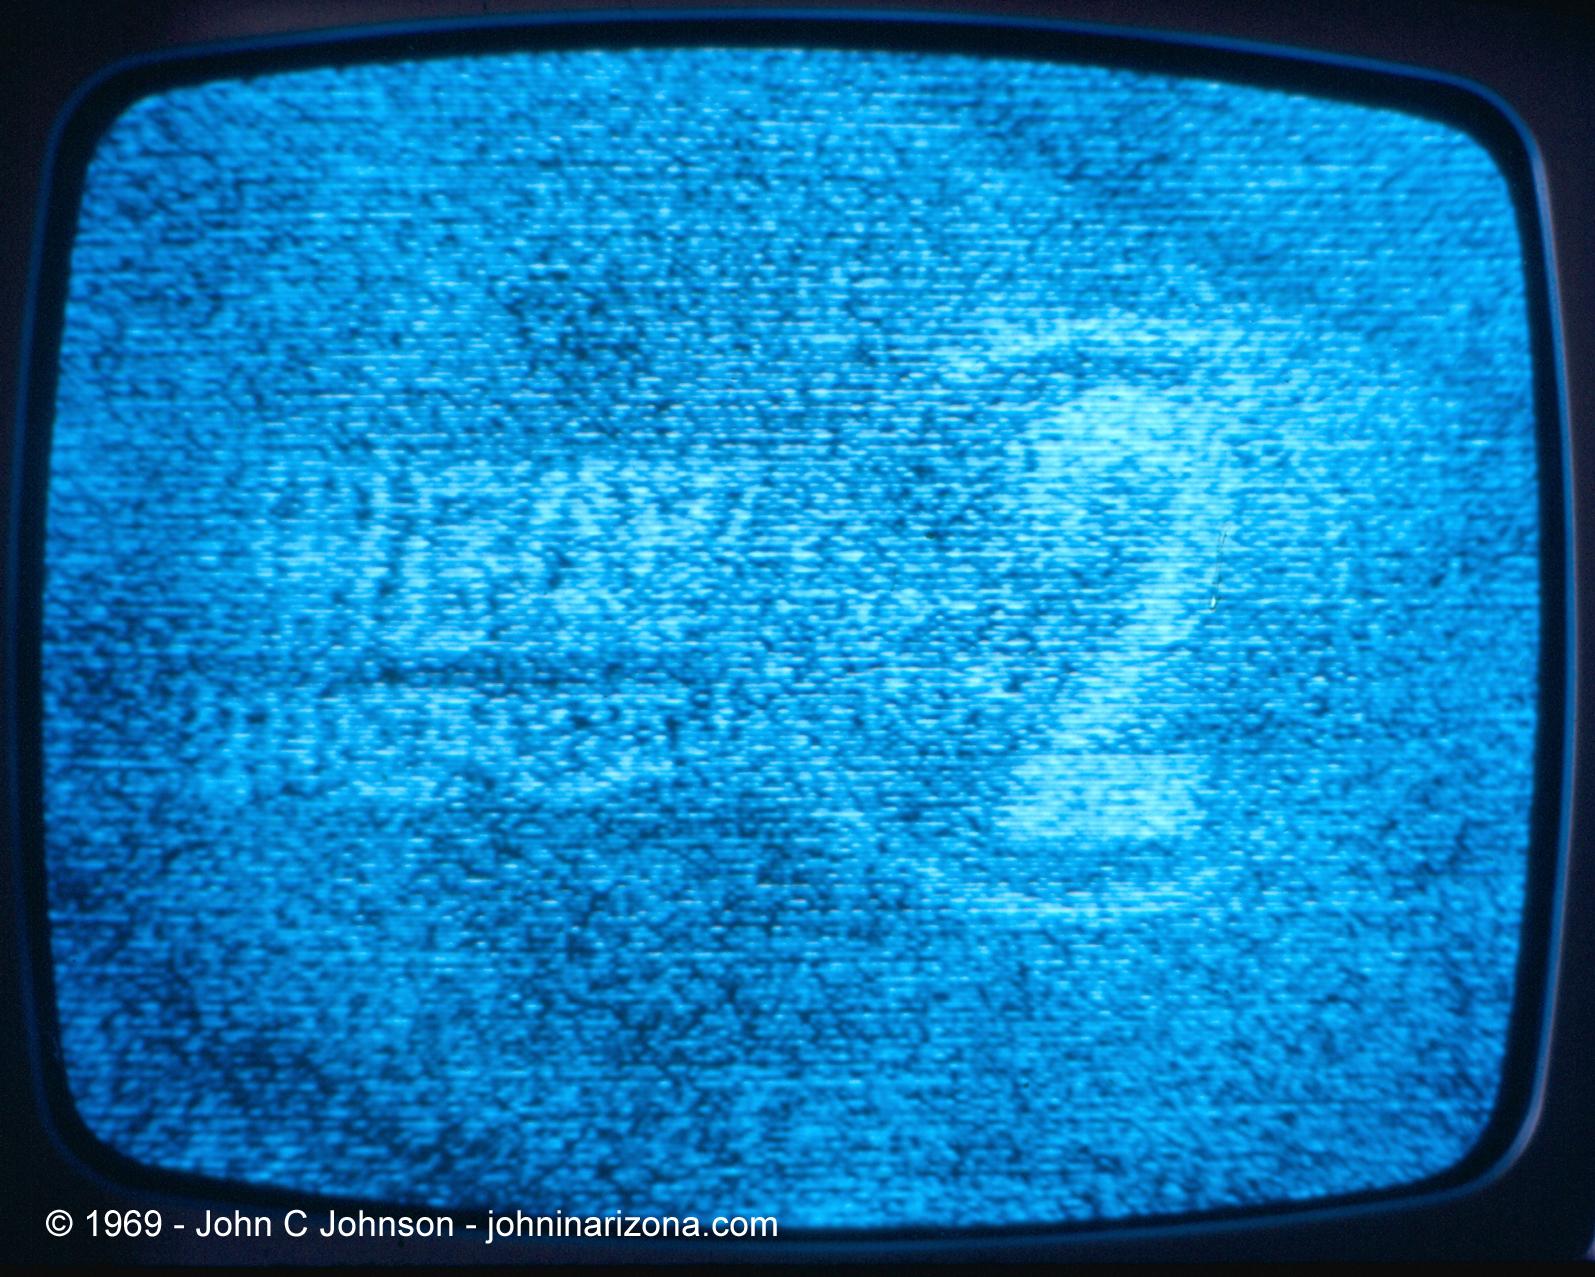 WBAY-TV | Logopedia | FANDOM powered by Wikia